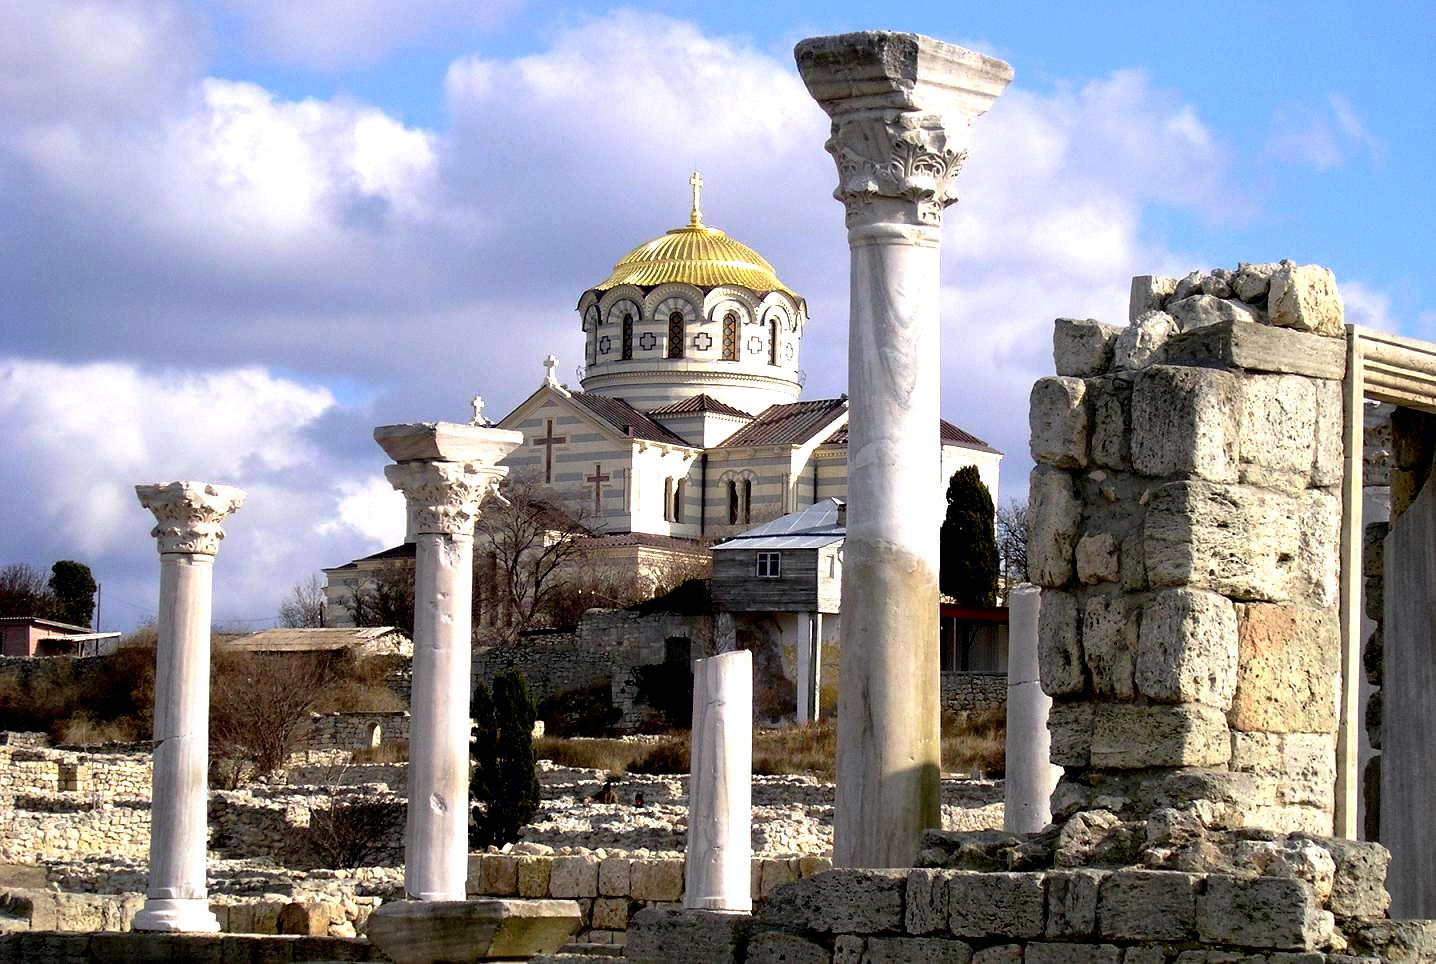 херсонес и владимирский собор